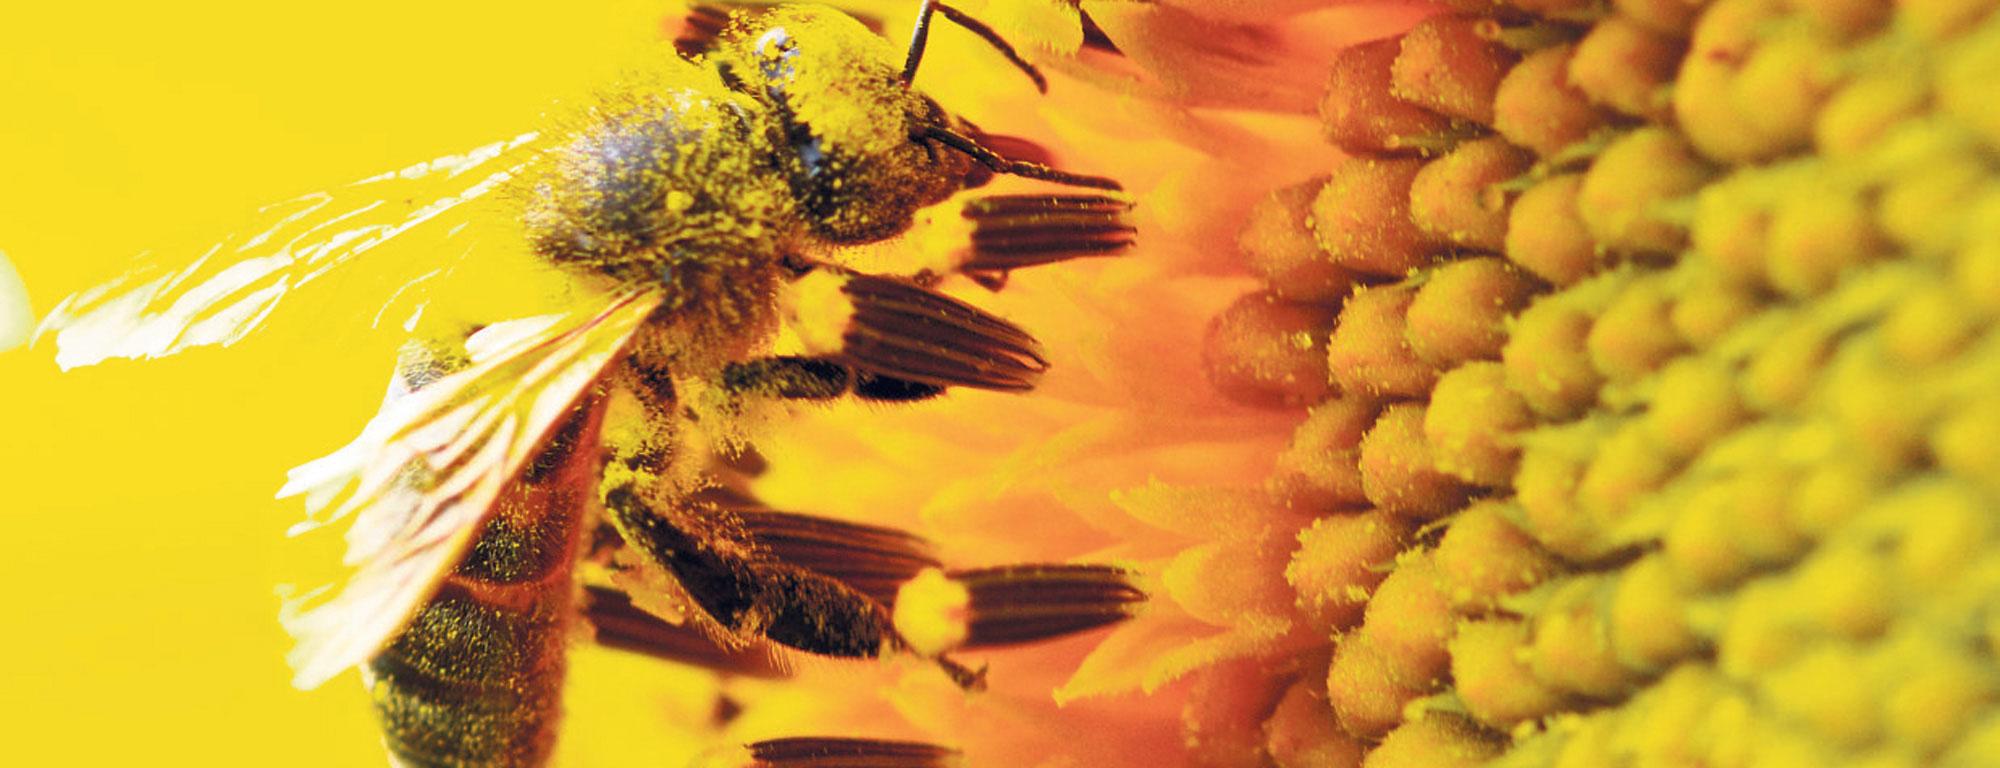 Las abejas son considerados polinizadores por excelencia.